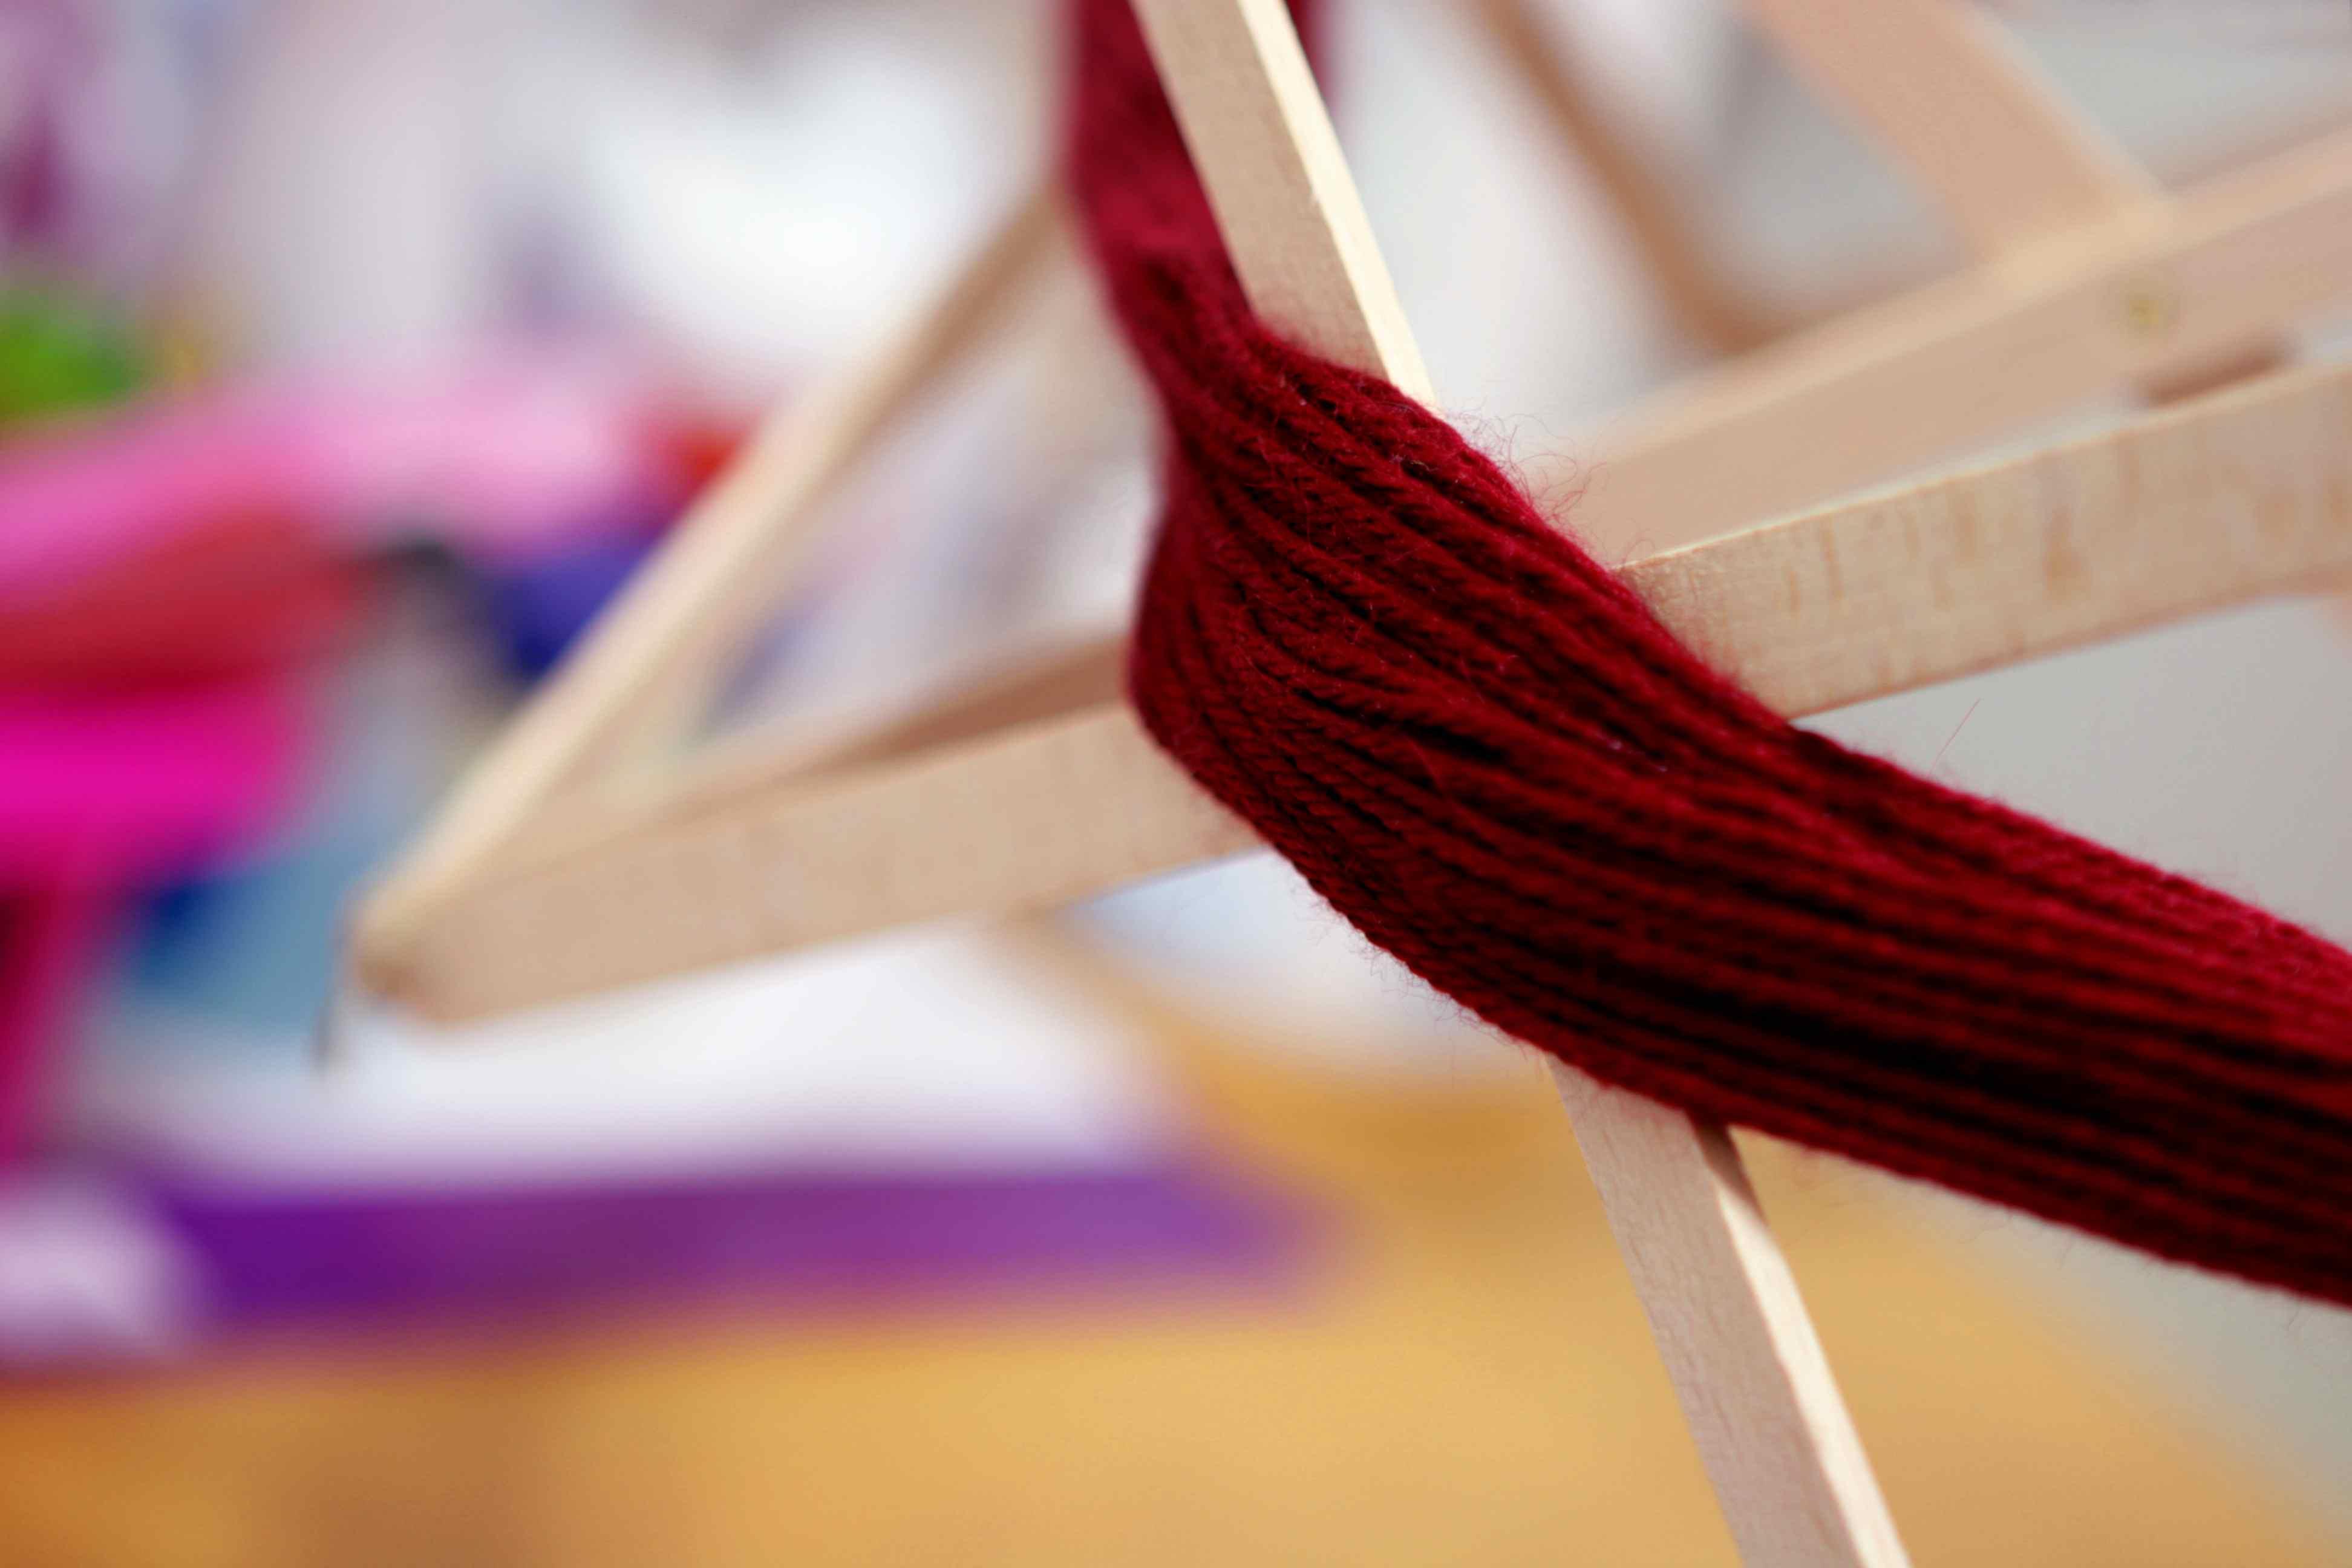 Yarn swift filled with yarn.